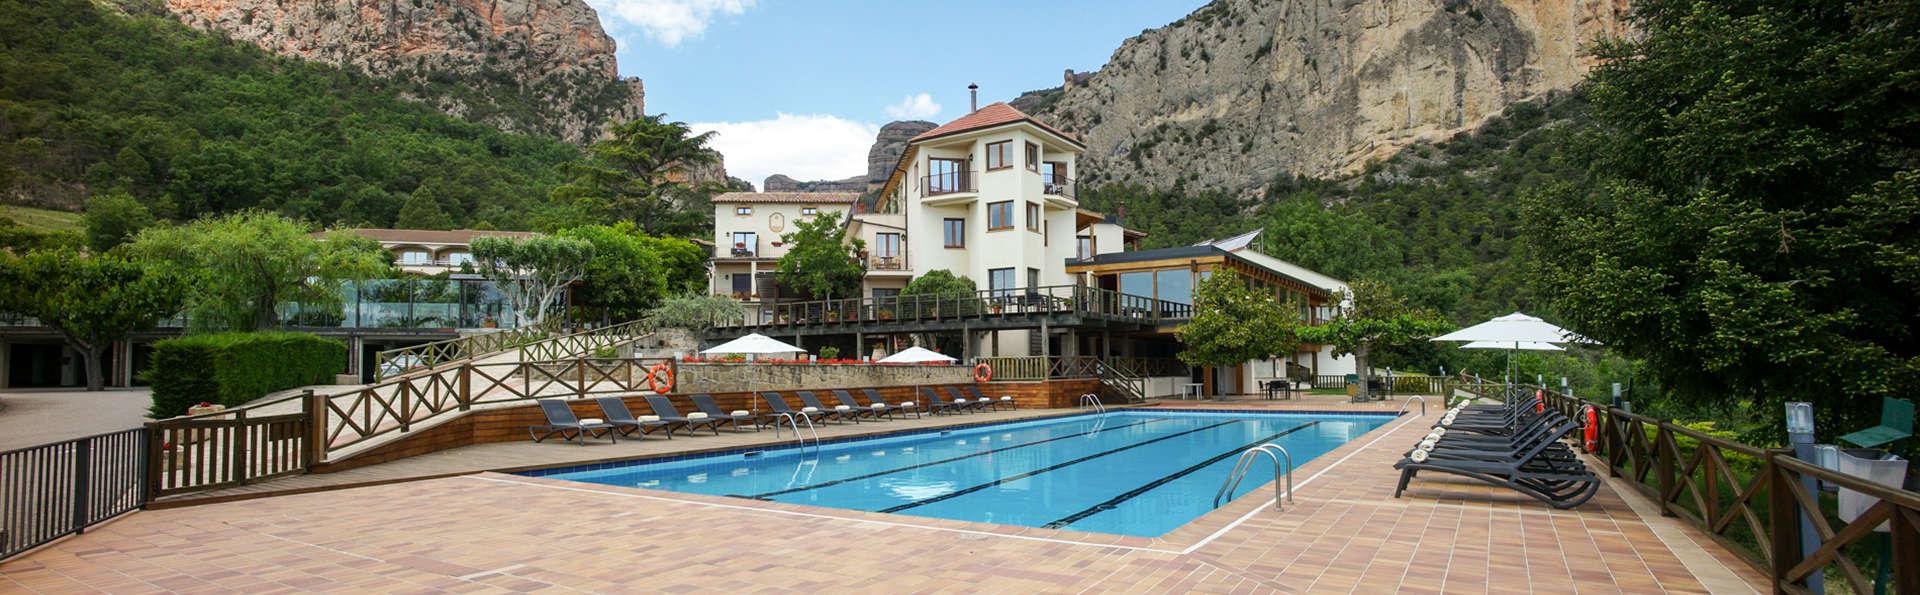 Hotel Restaurant Can Boix De Peramola - edit_L1007739.jpg